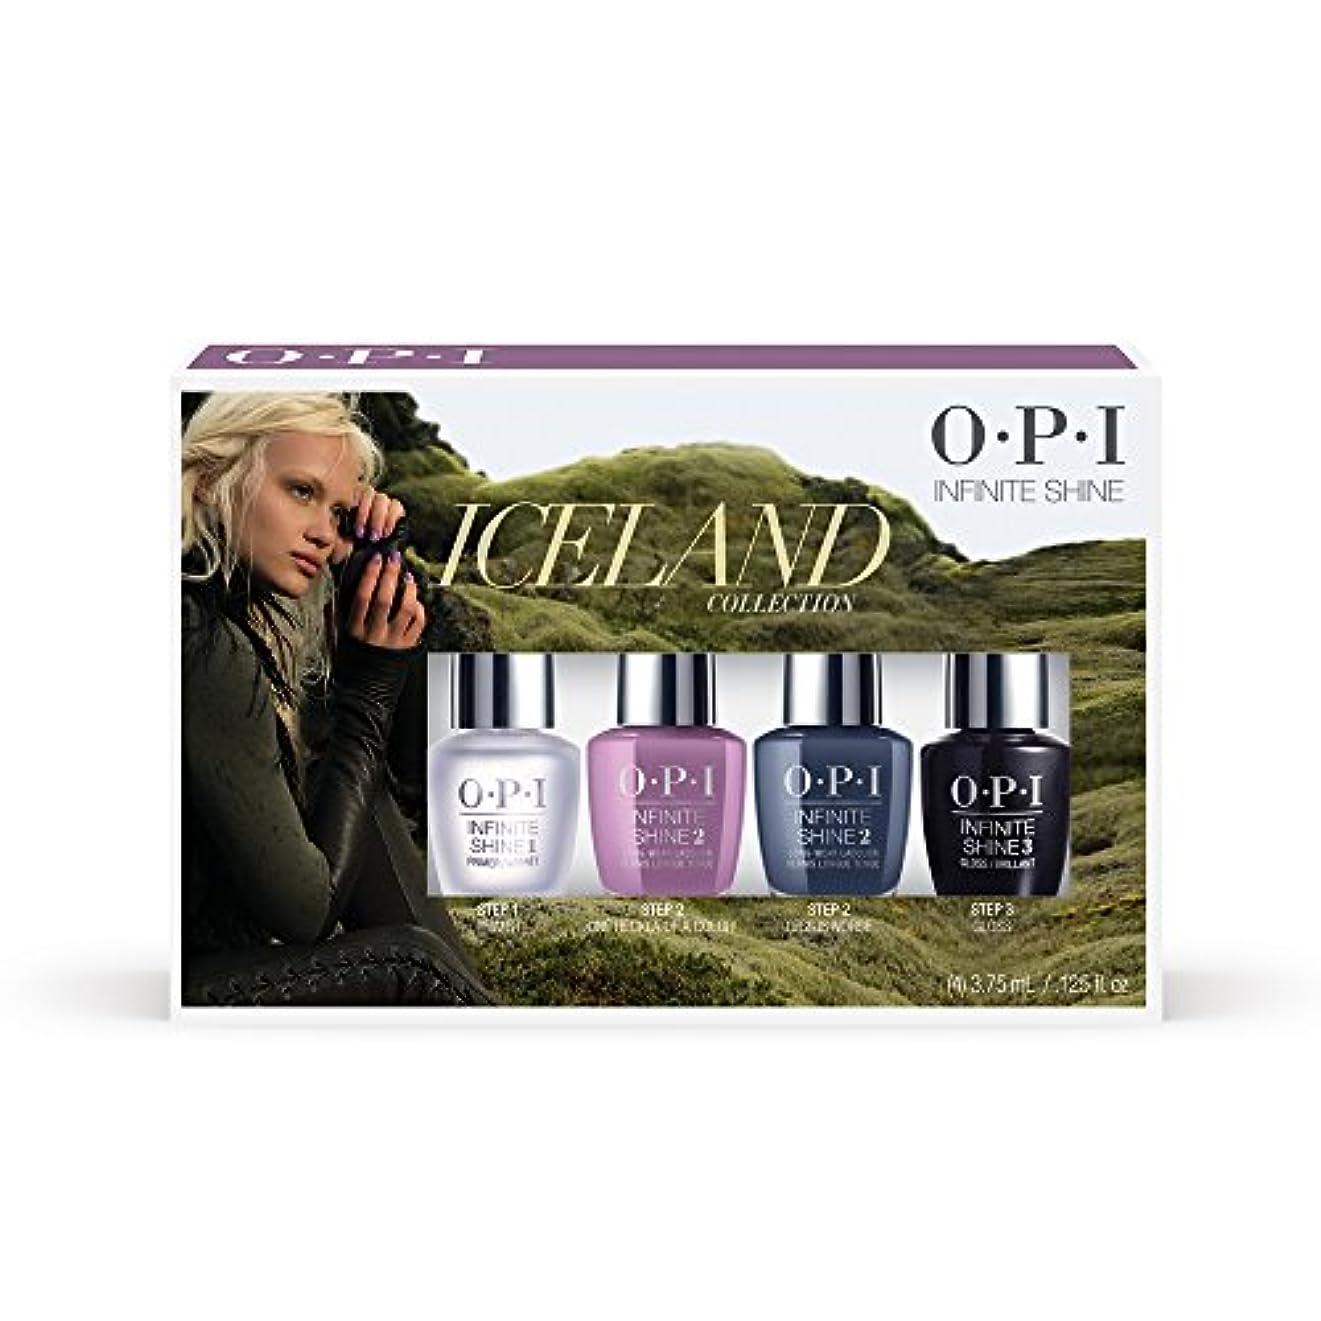 去る二層作詞家OPI(オーピーアイ) アイスランド コレクション インフィニット シャイン ミニパック